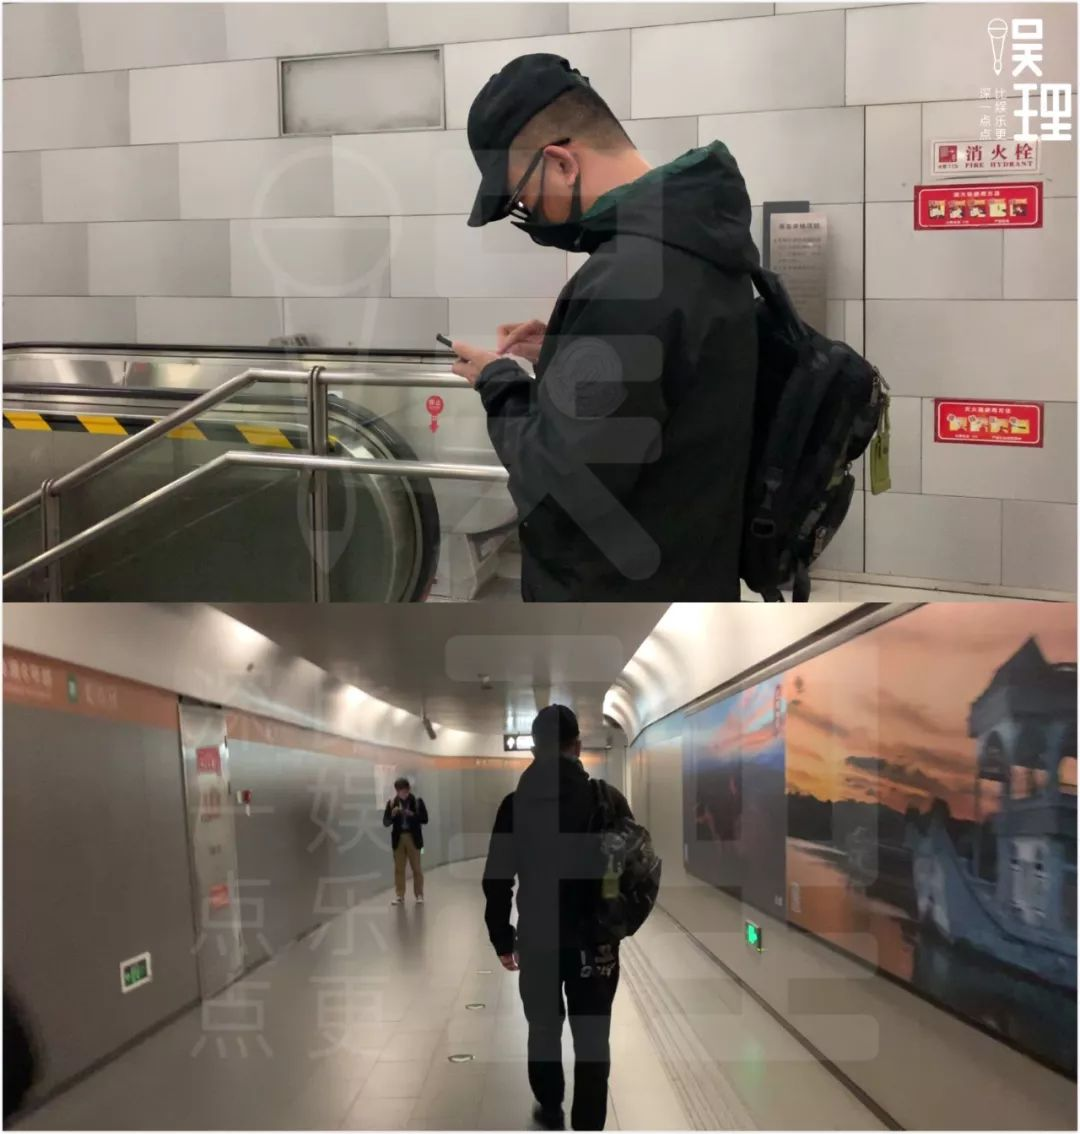 乘坐地铁时的黄海波